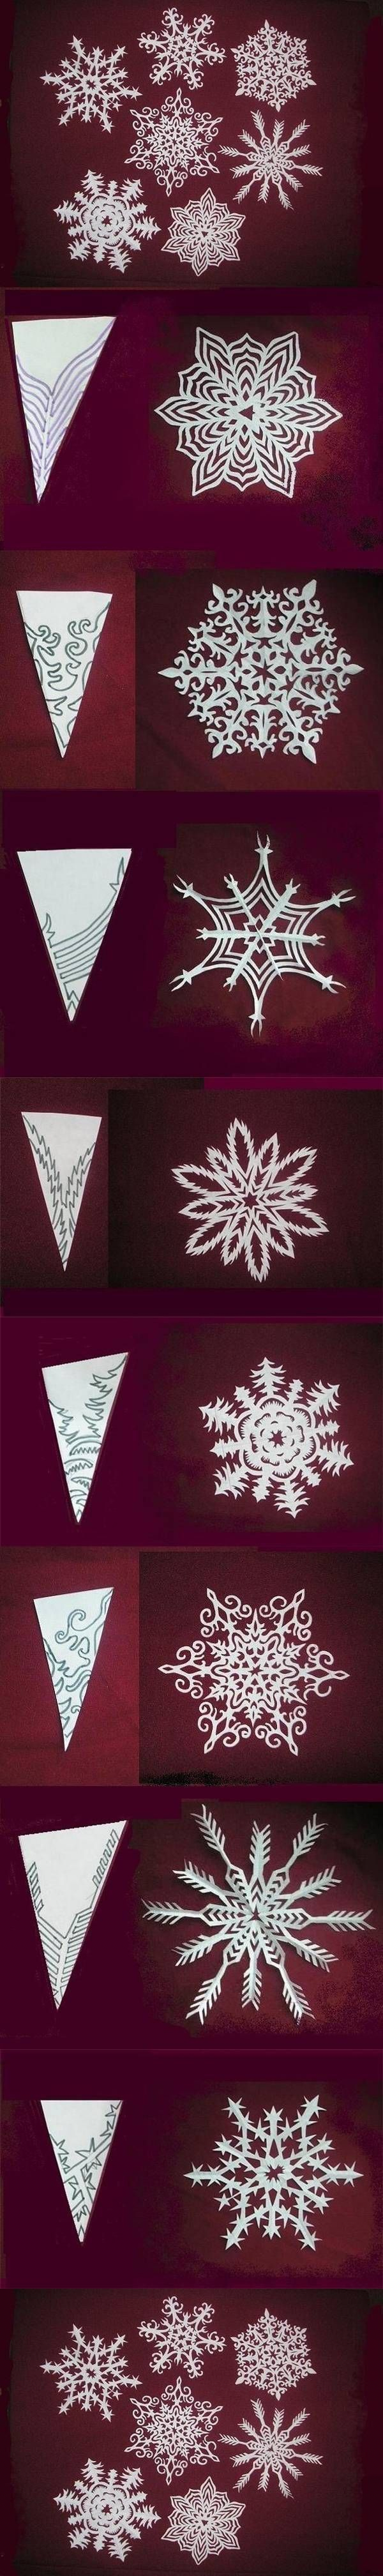 DIY Snowflakes Paper Pattern Tutorial DIY Snowflakes Paper Pattern Tutorial